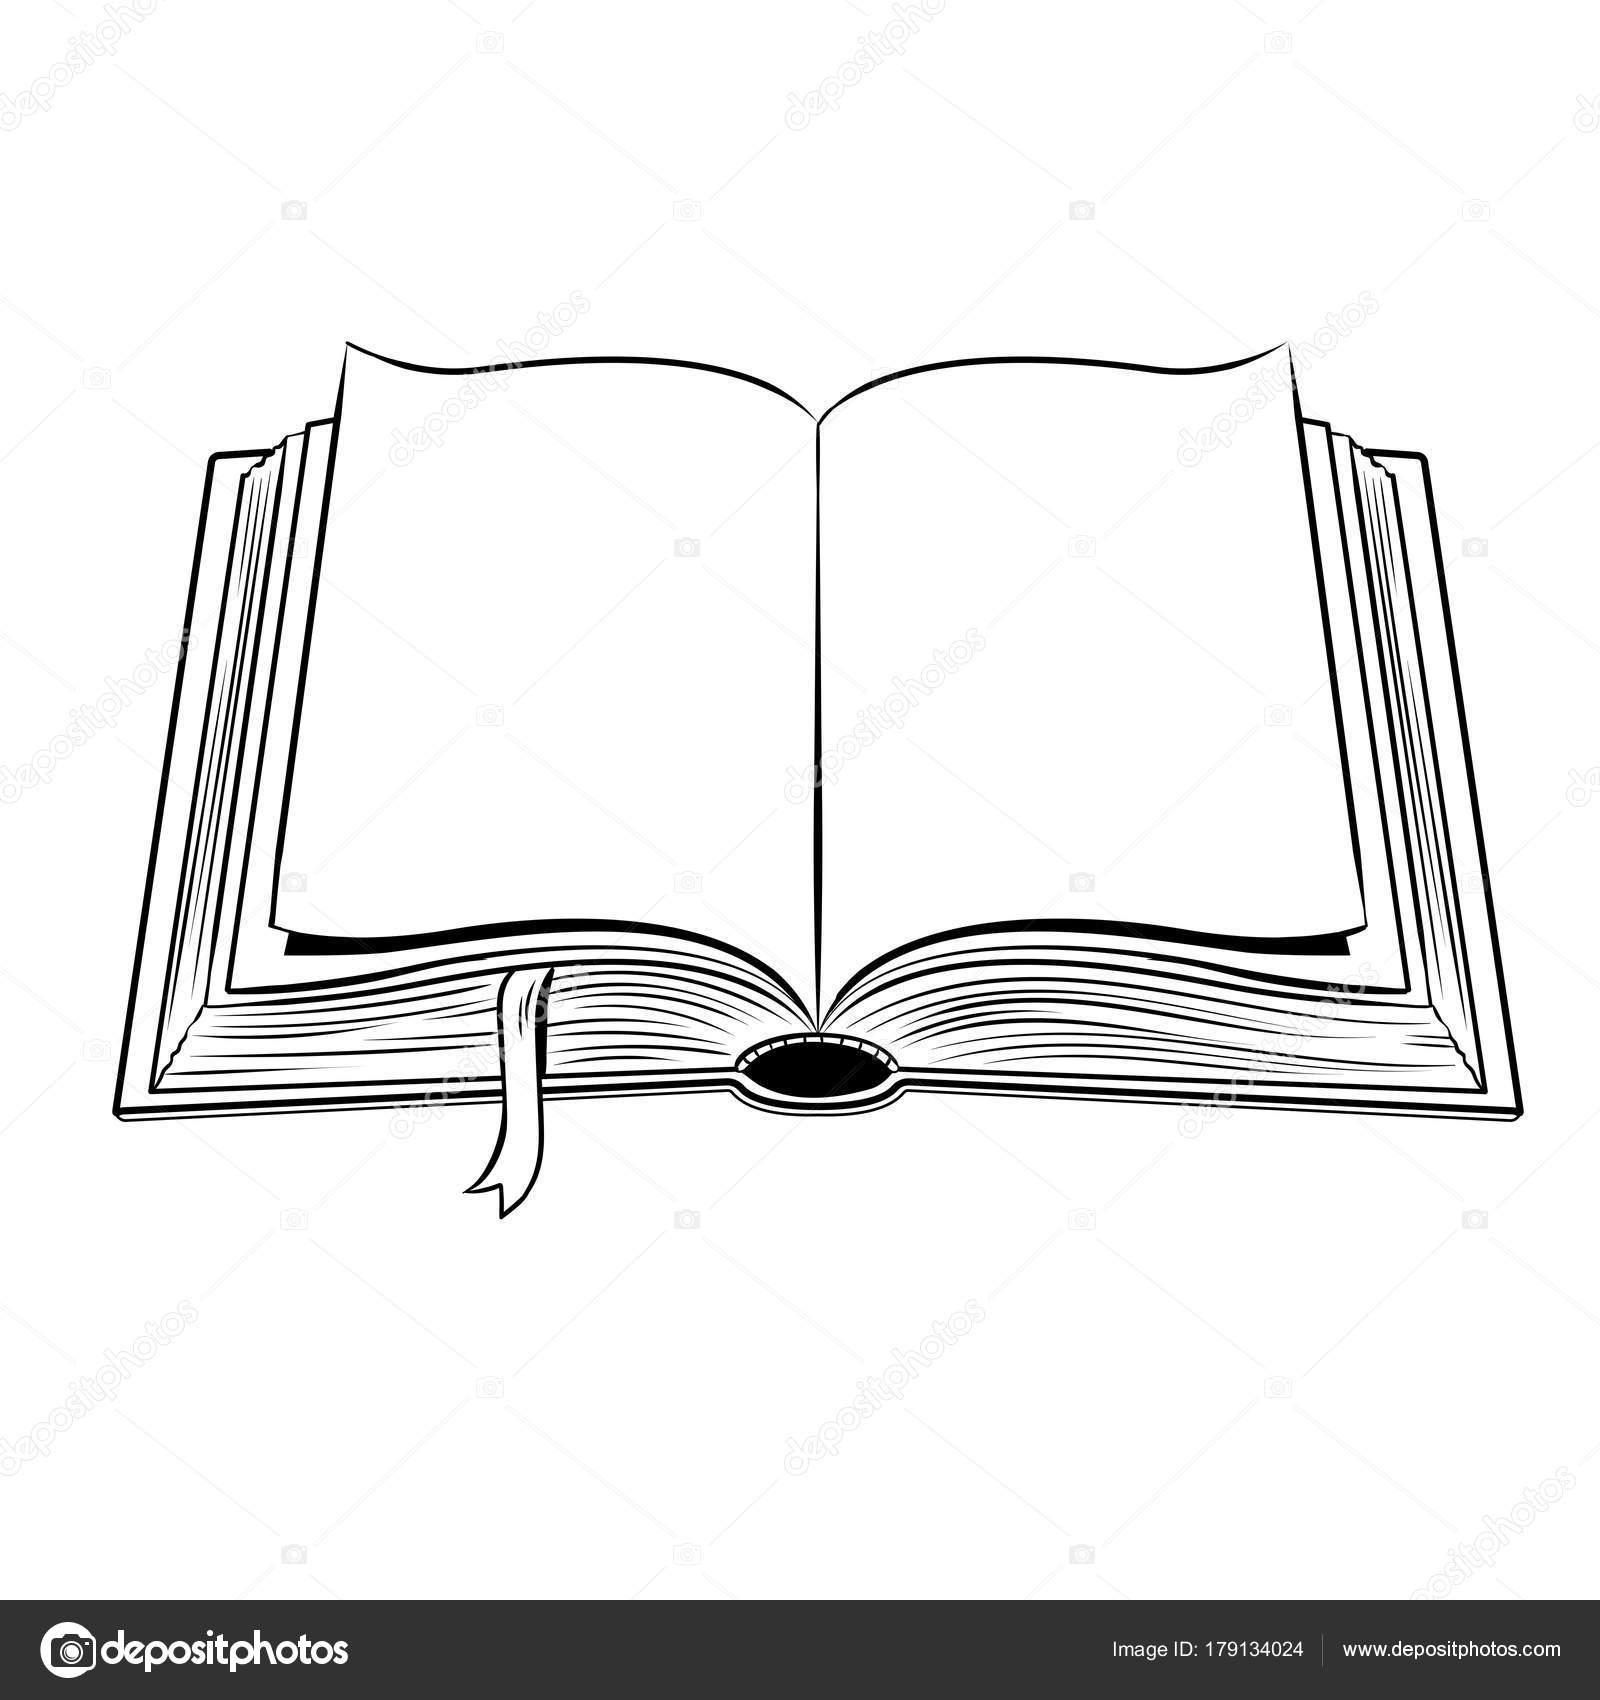 Dibujos: libros abiertos para dibujar   Libro abierto para